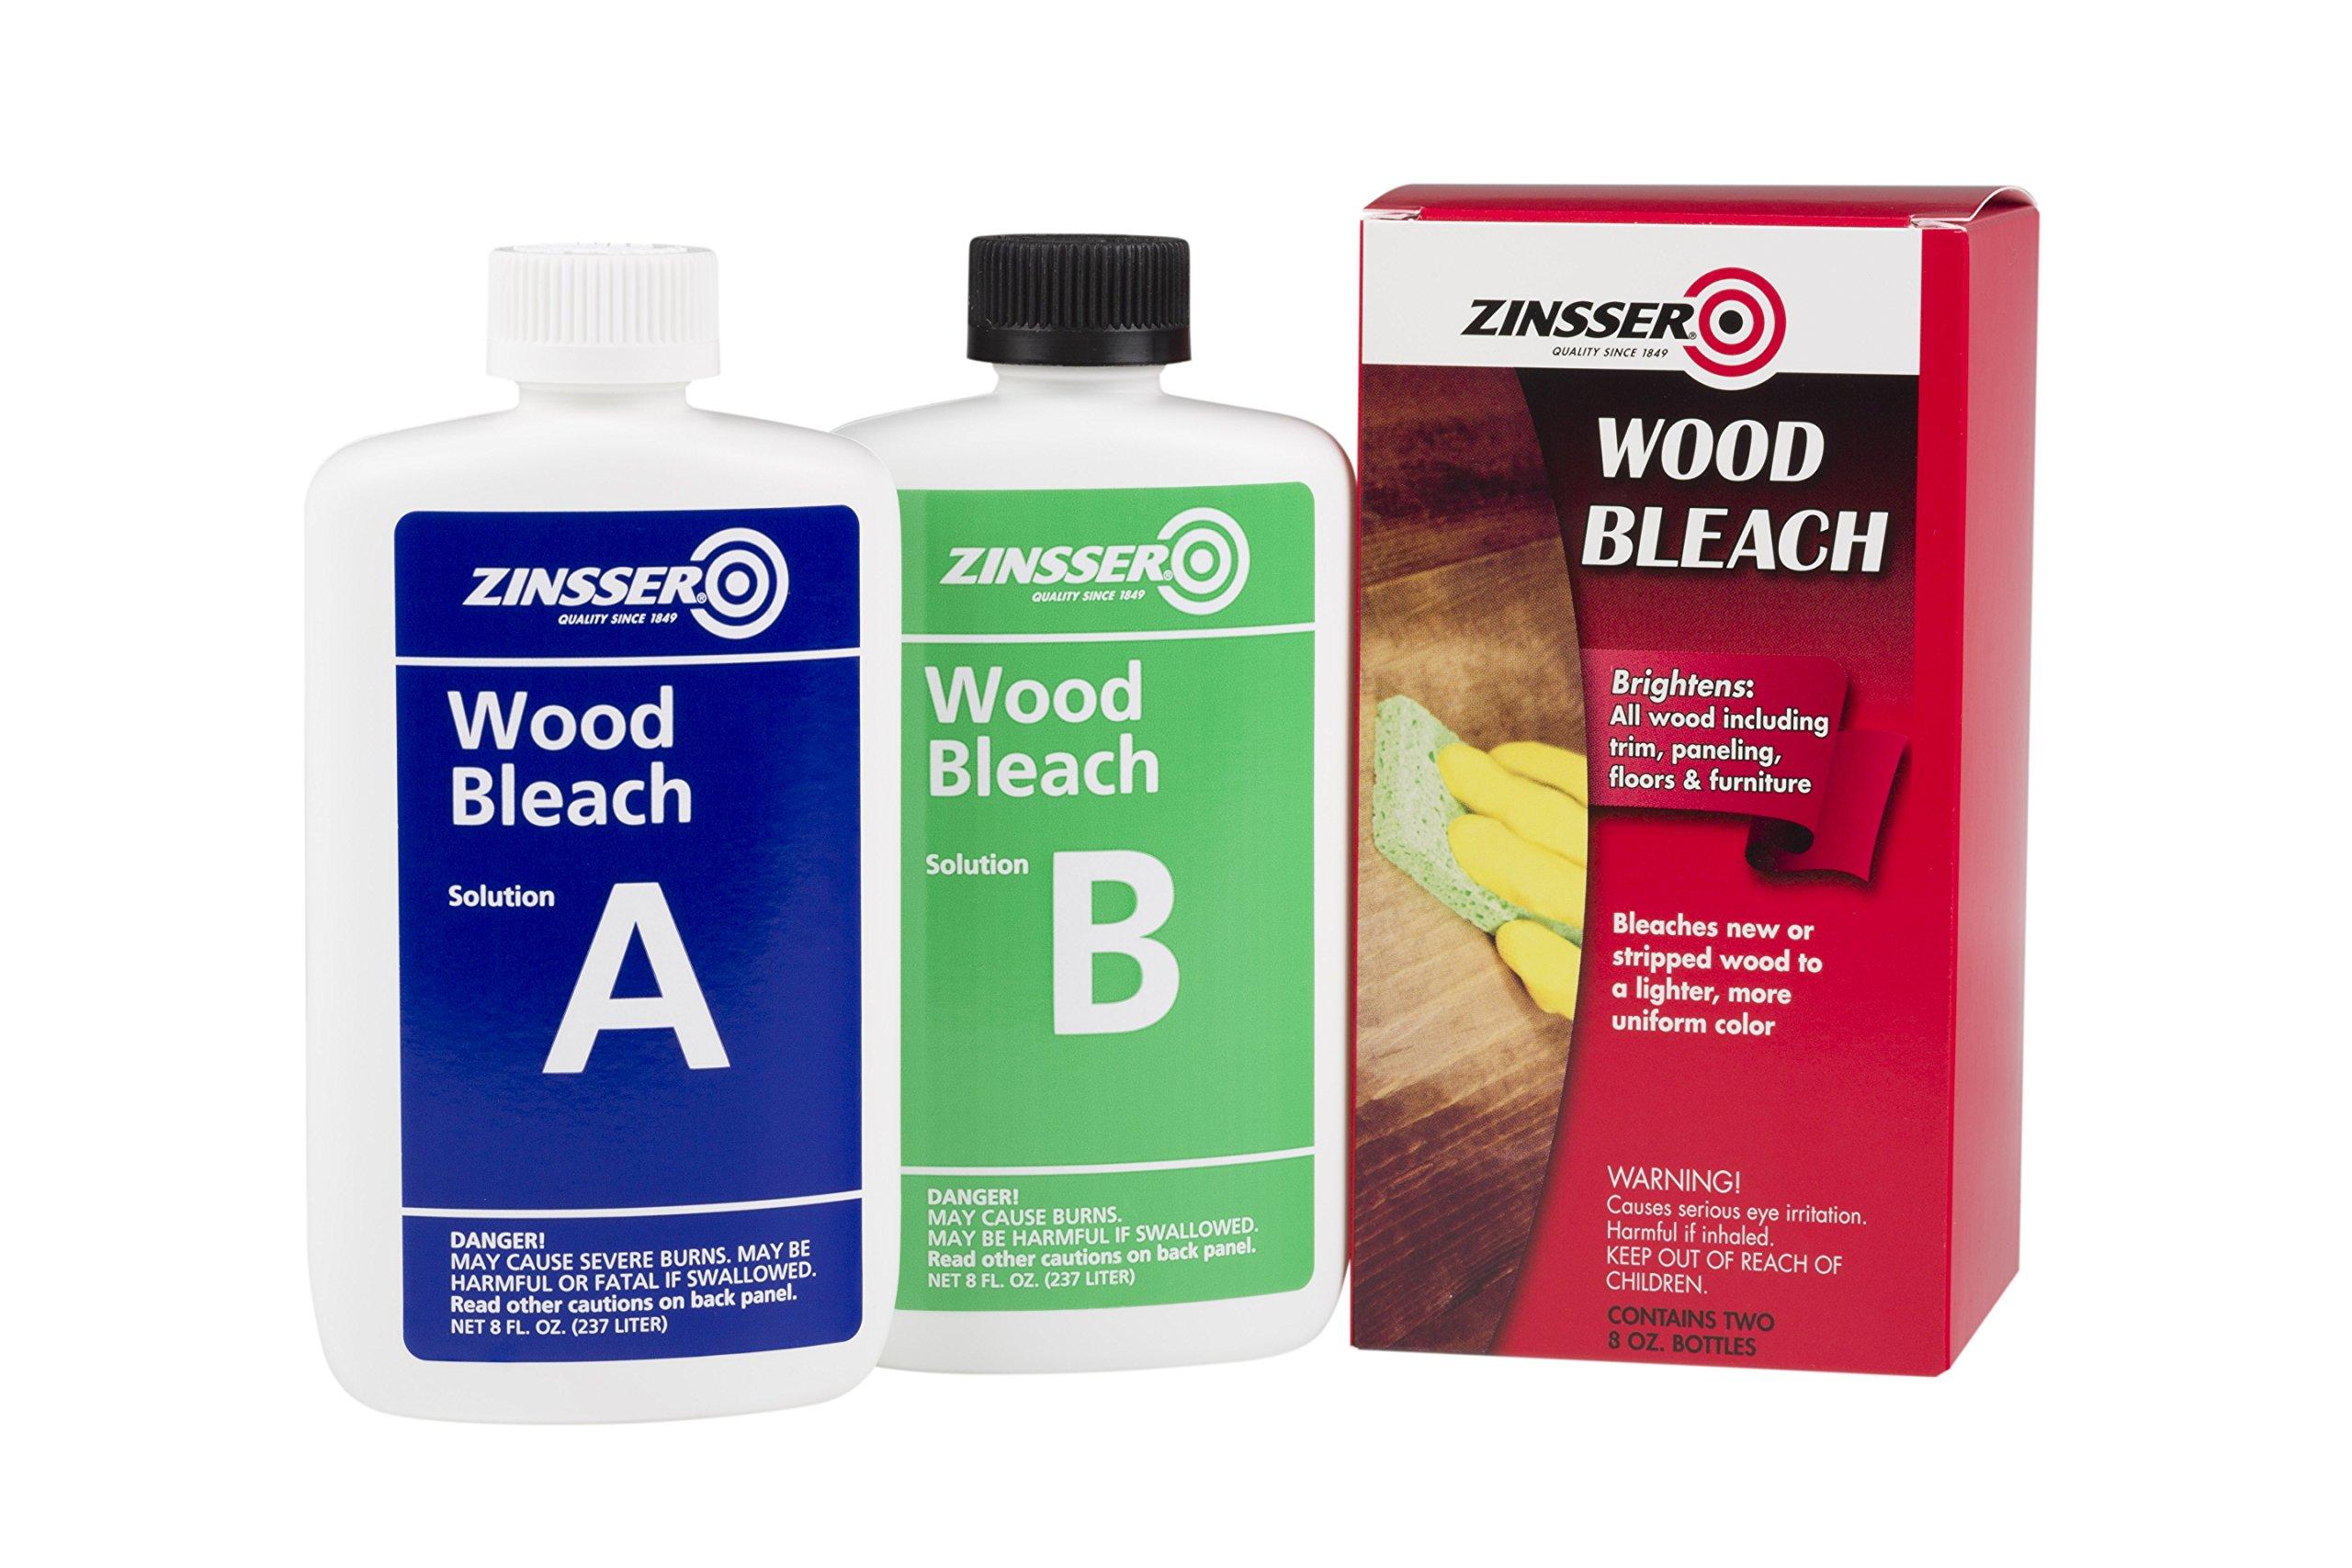 Zinsser 300451 Wood Bleach, 8 oz by Zinsser